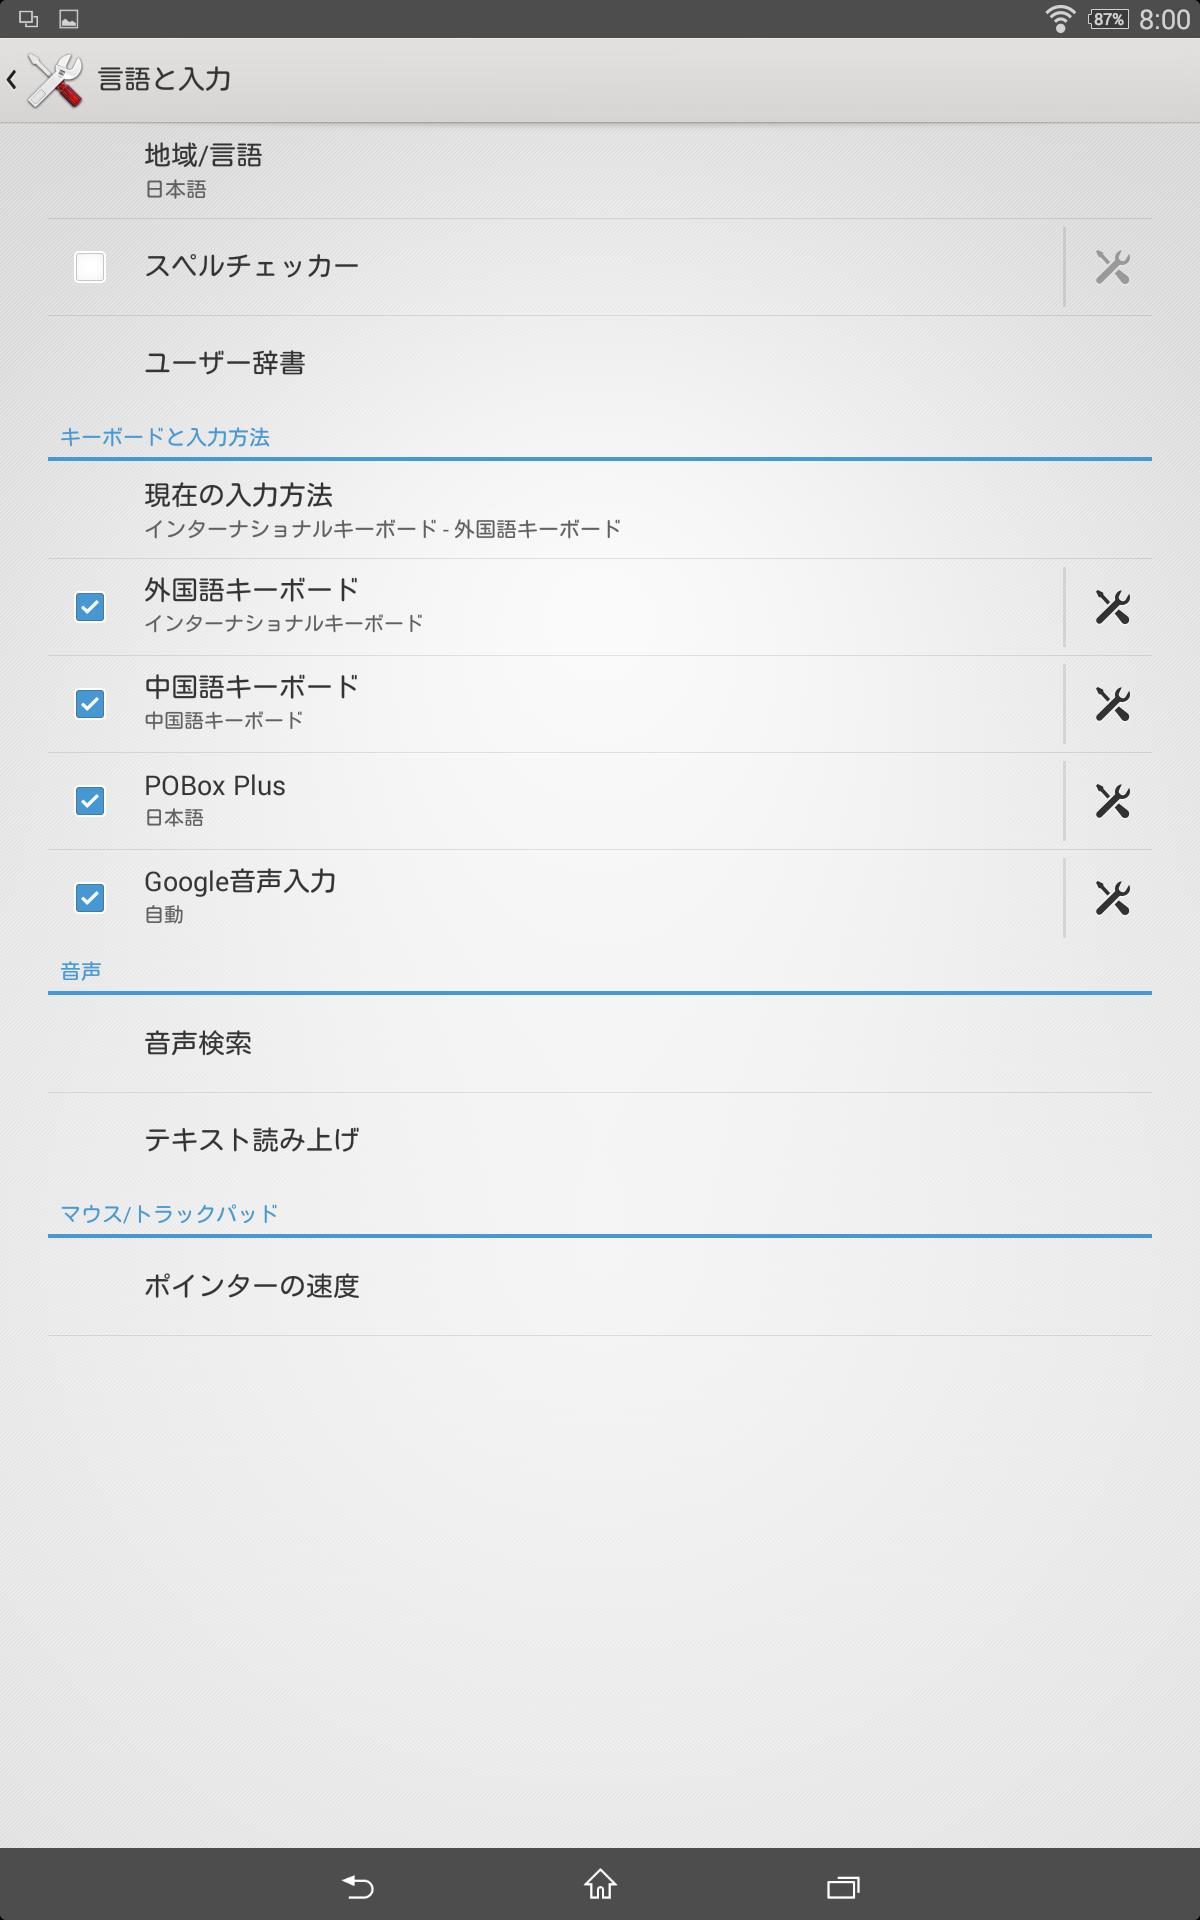 設定/言語と入力。日本語として「POBox Plus」がセットされている